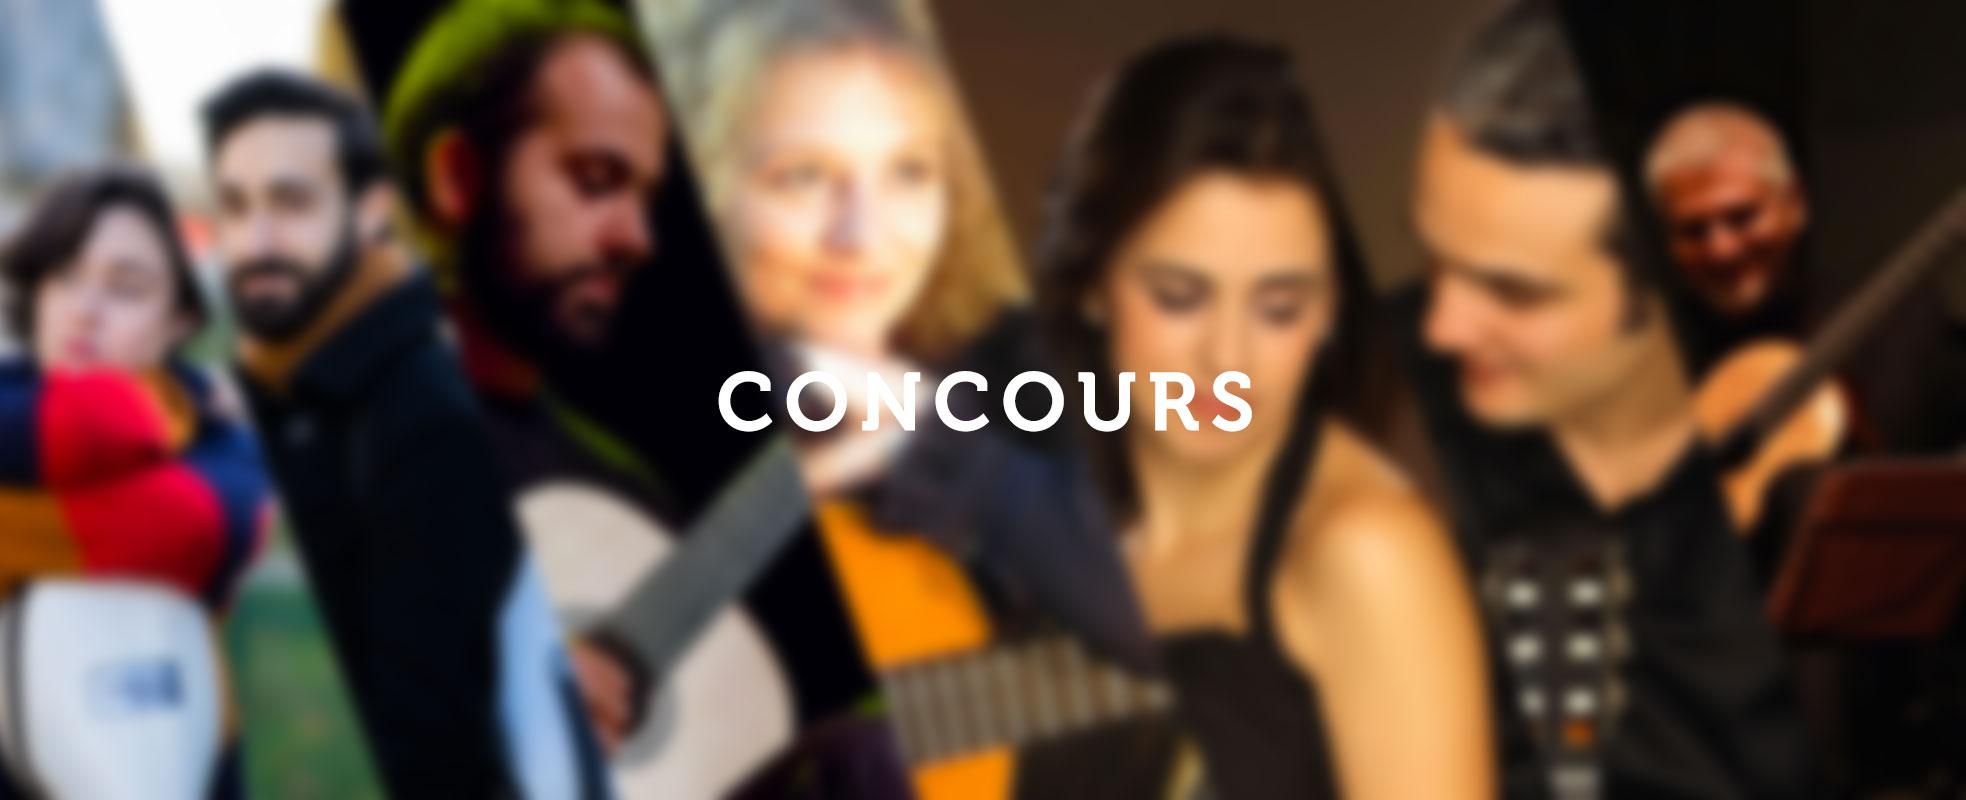 Affiche du pass concours du Festival de Guitare